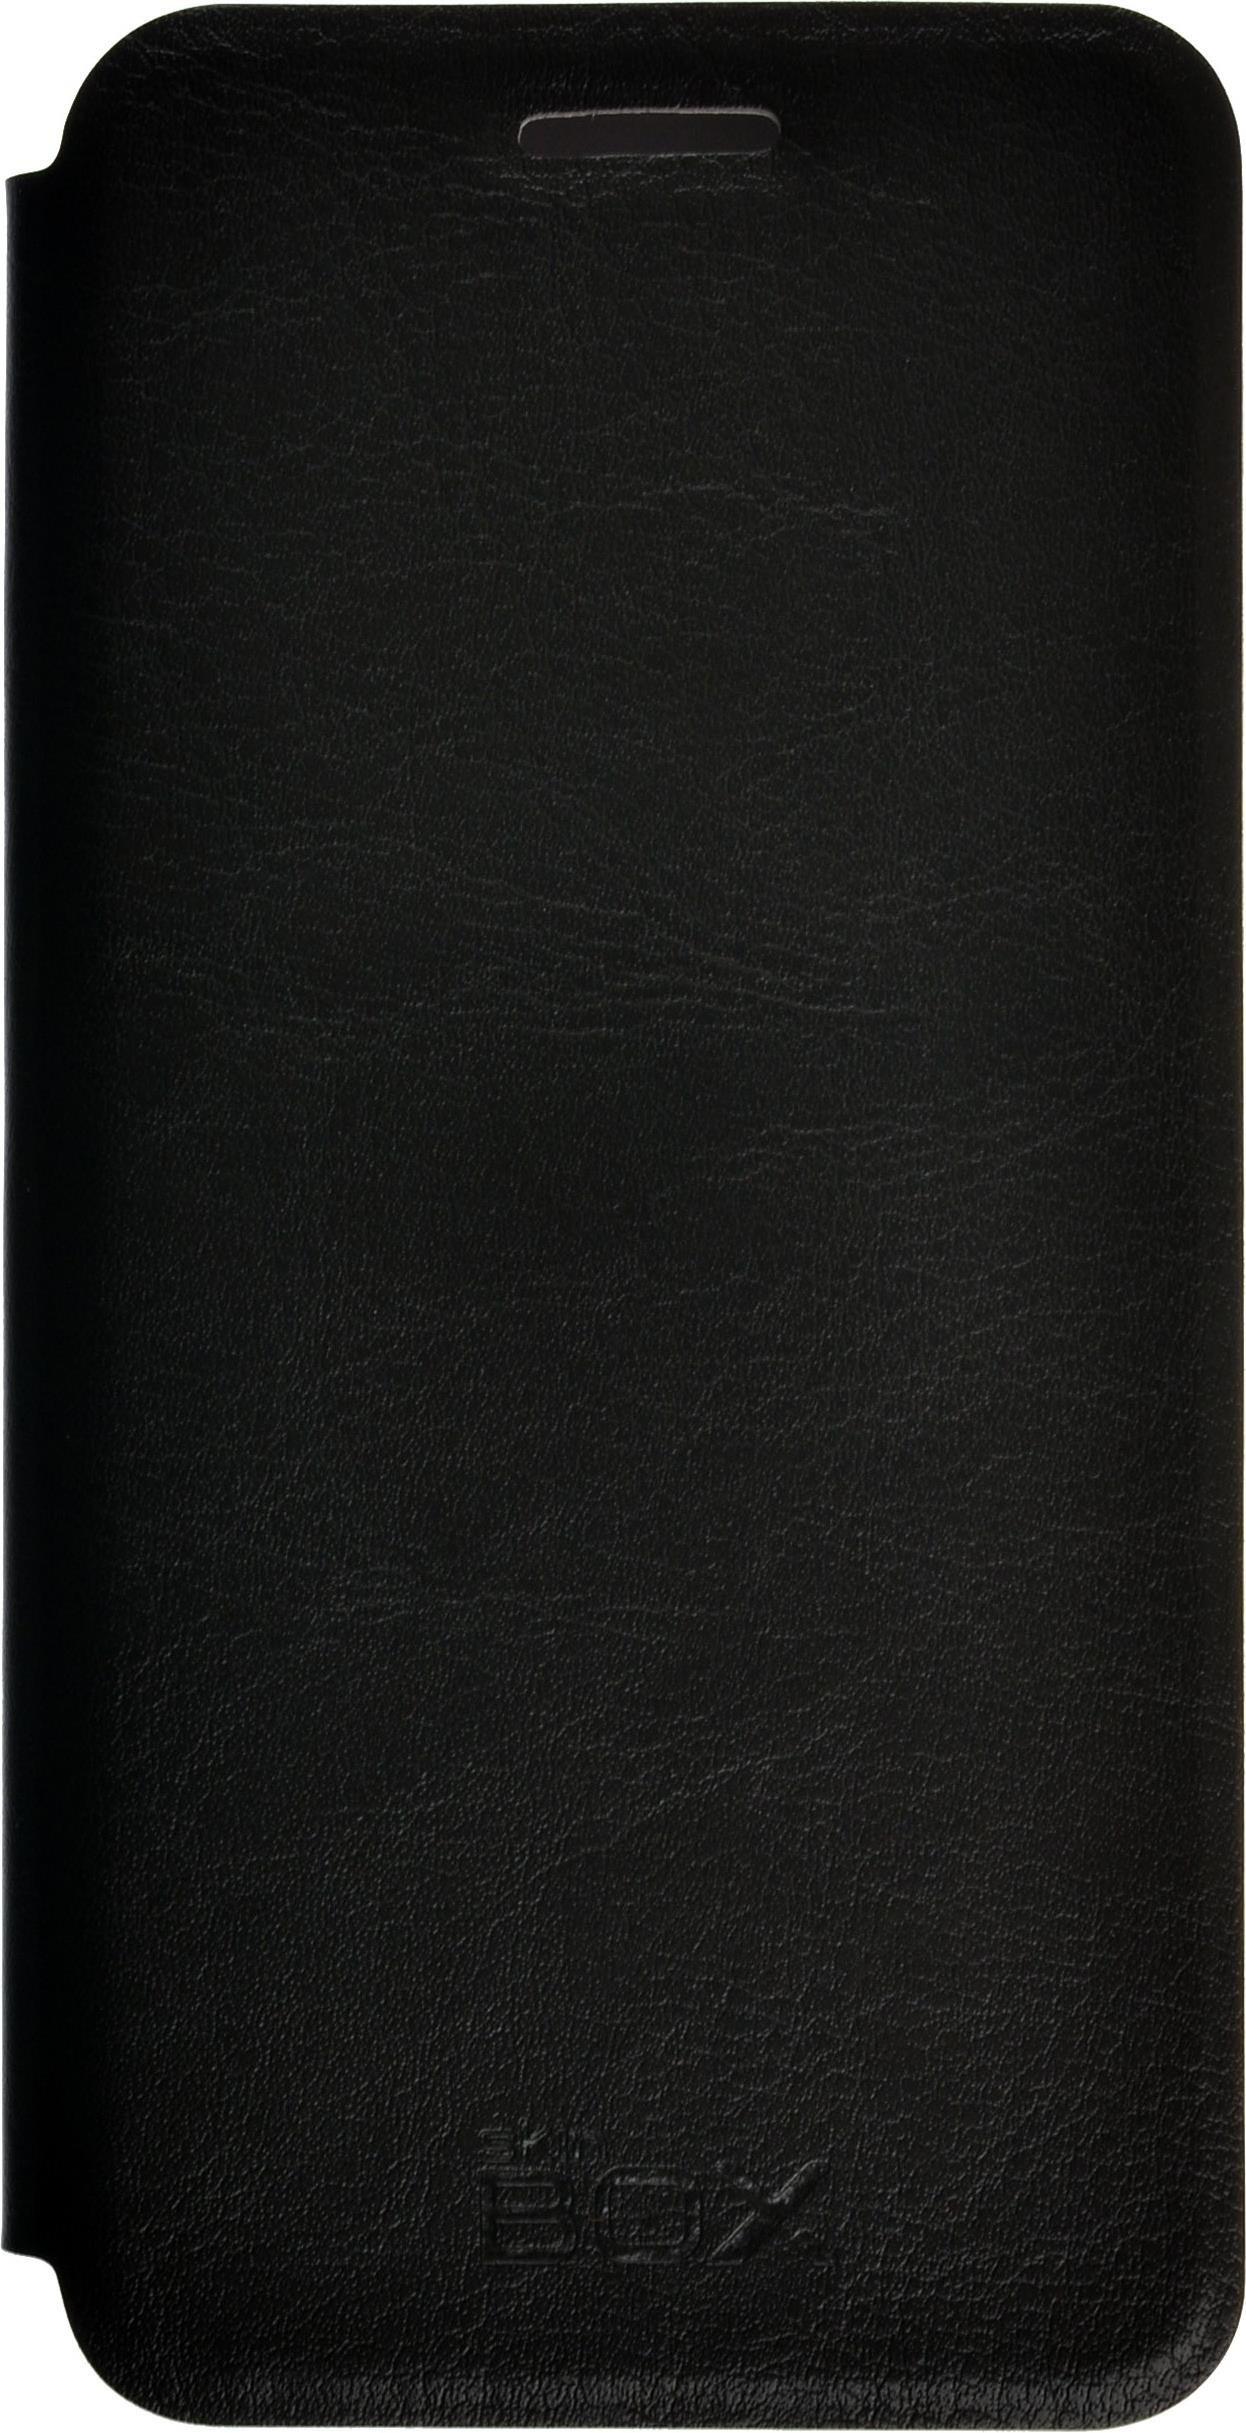 Чехол для сотового телефона skinBOX Lux, 4660041407174, черный клип кейс gresso мармелад для lenovo vibe k5 a6020 черный